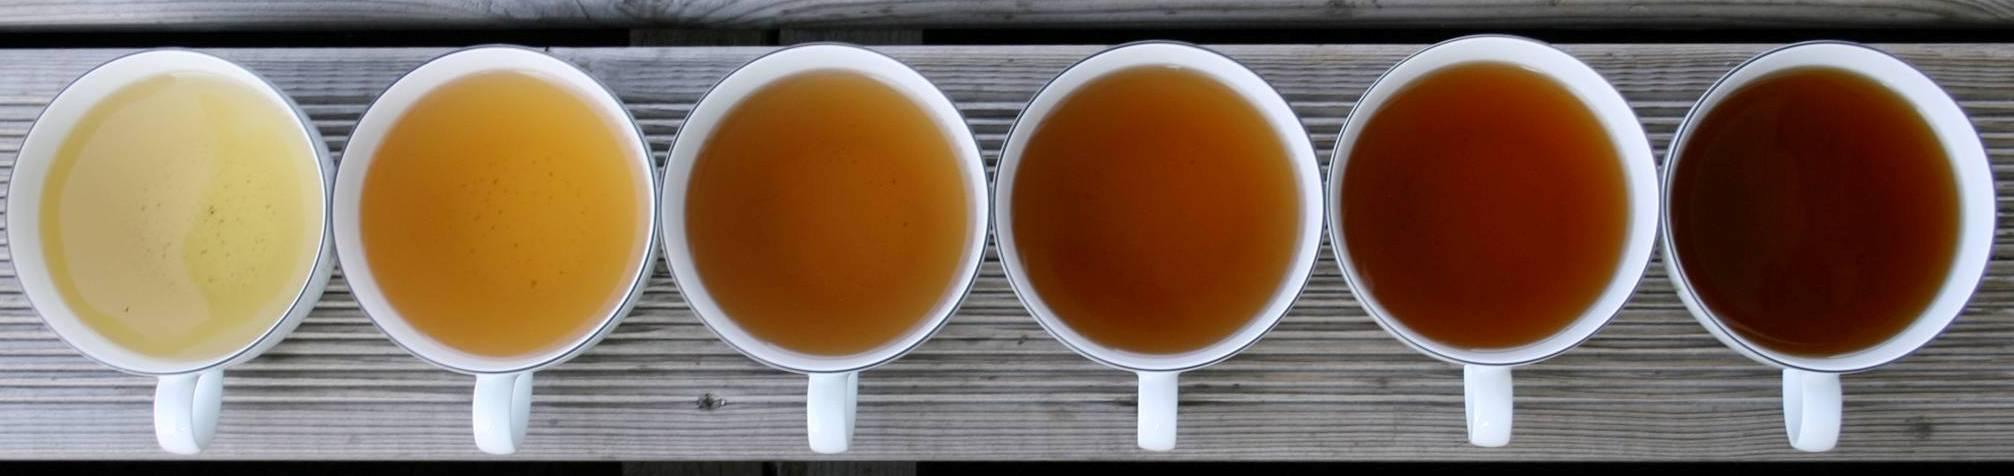 Startup-Info – Kirti Tea Trading – Assam Tea – Manufacturers